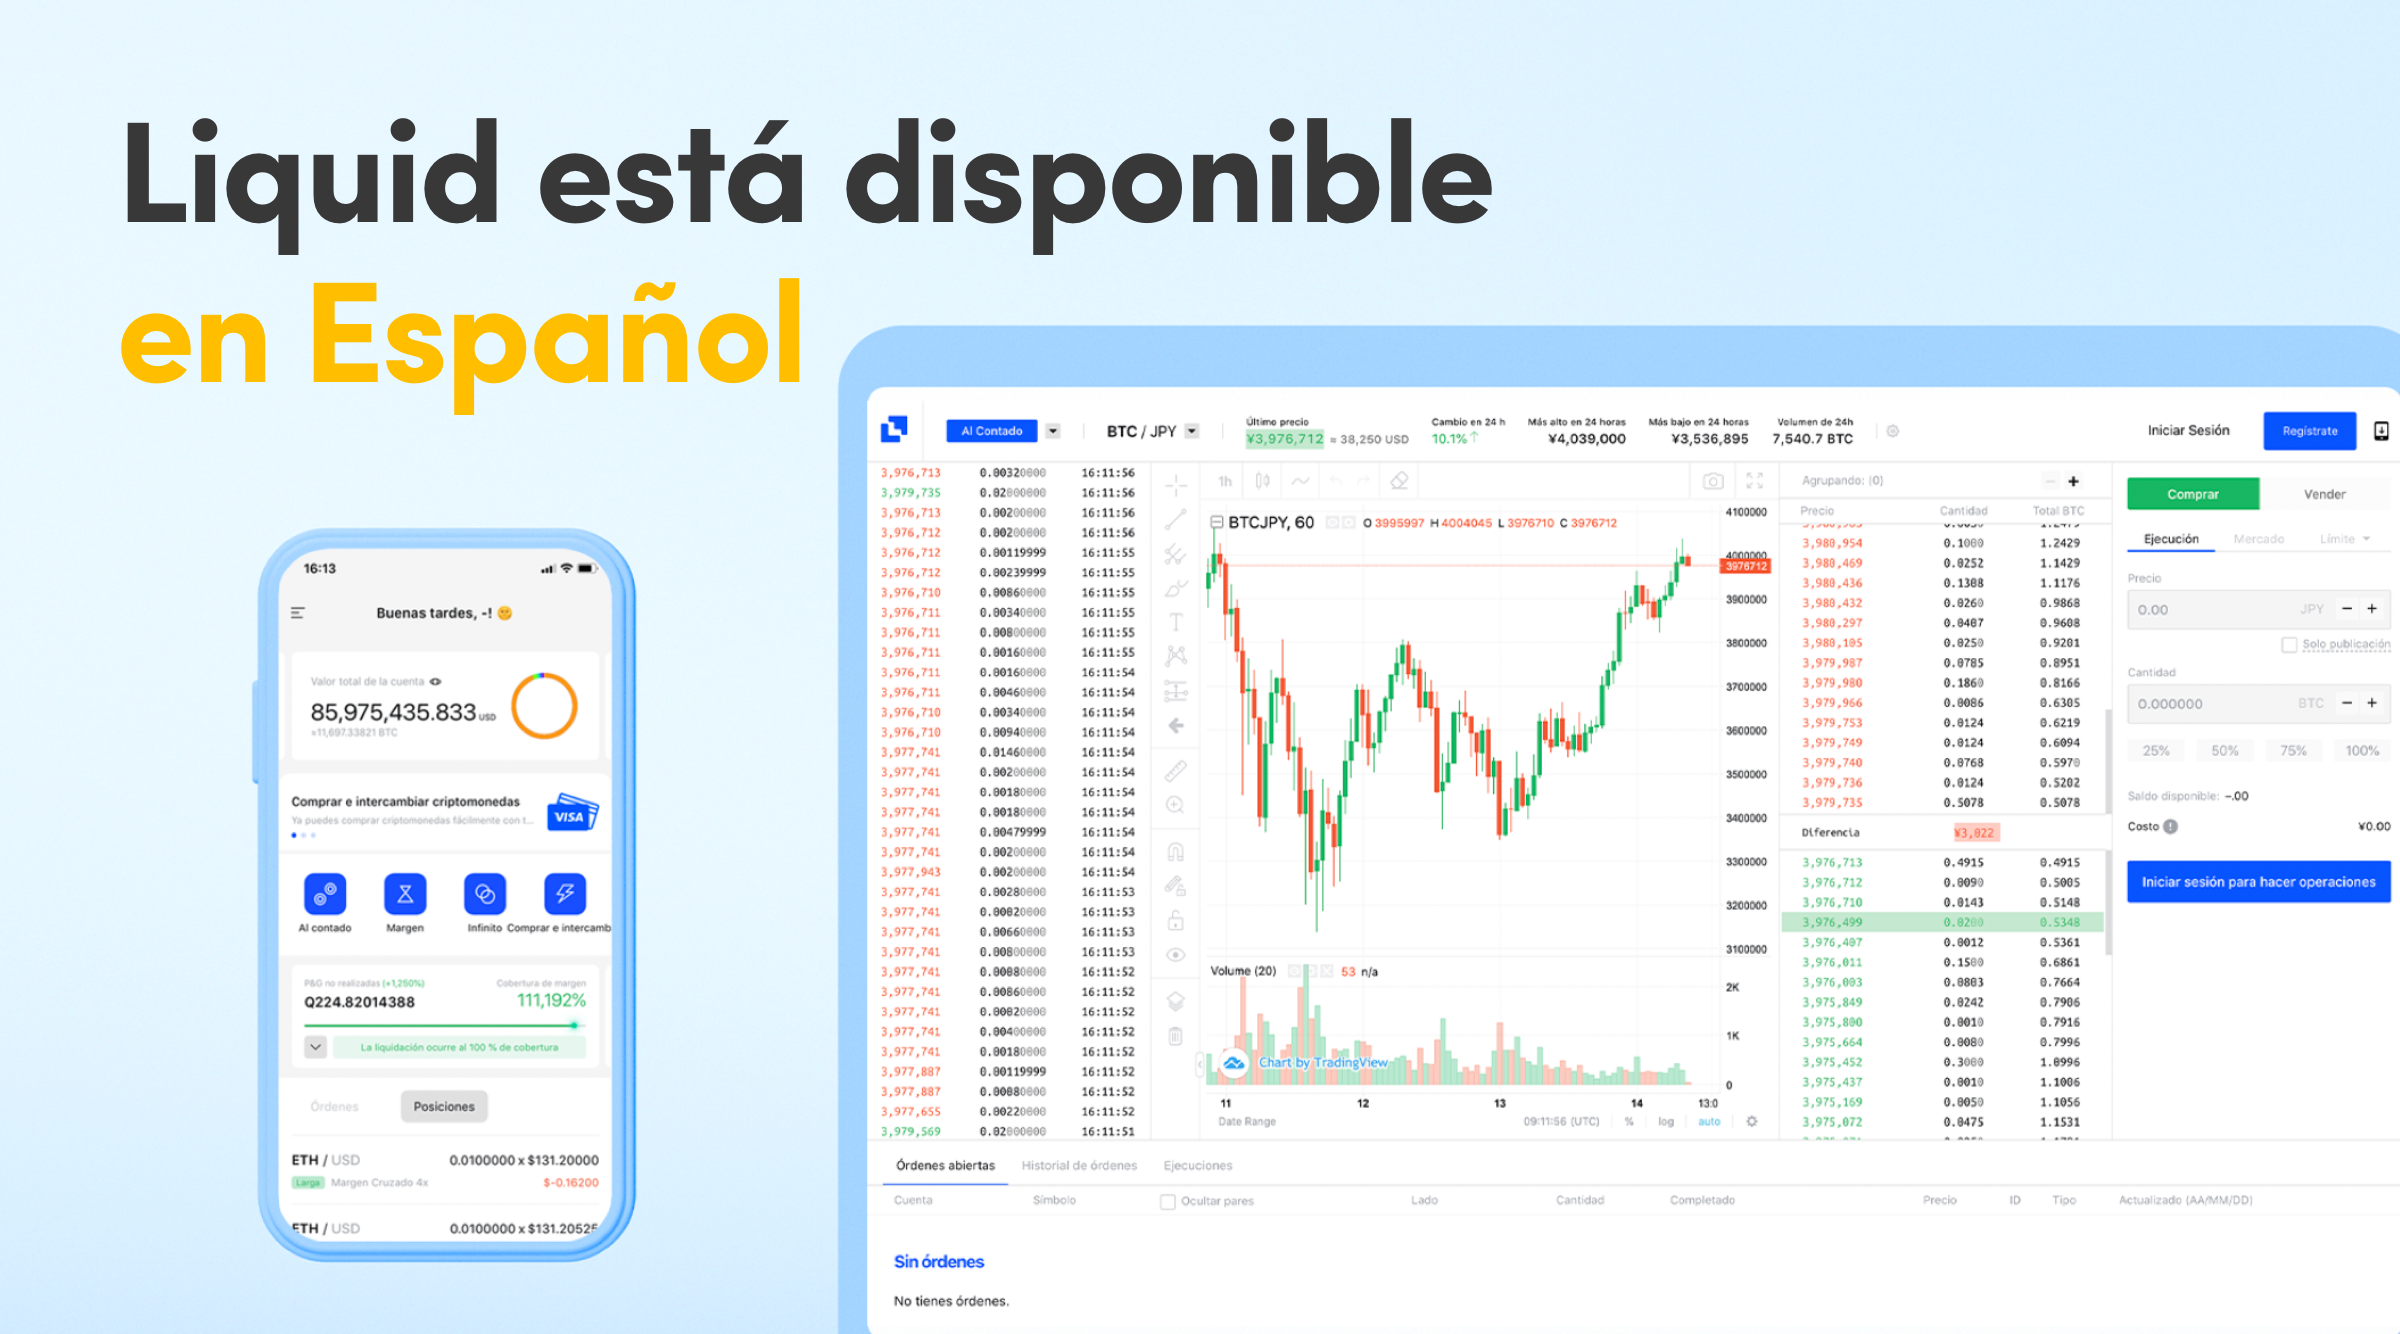 Liquid ya está disponible en español